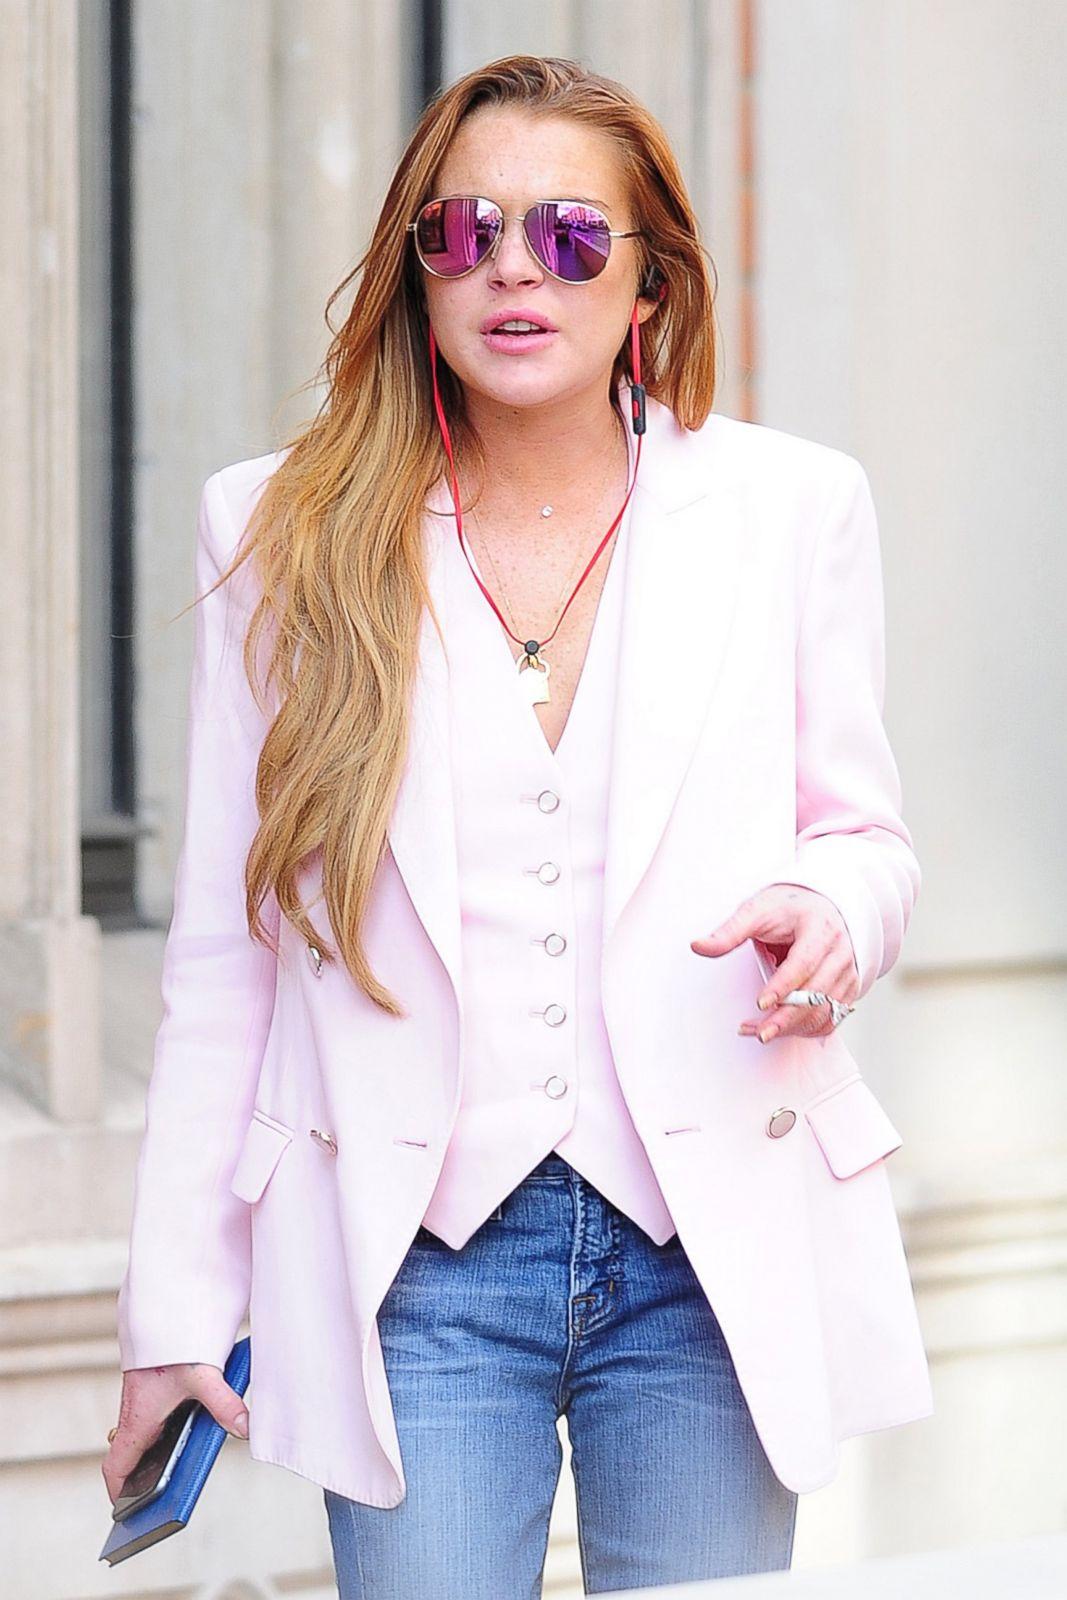 cb16ff6142e4 Life and Times of Lindsay Lohan Photos - ABC News